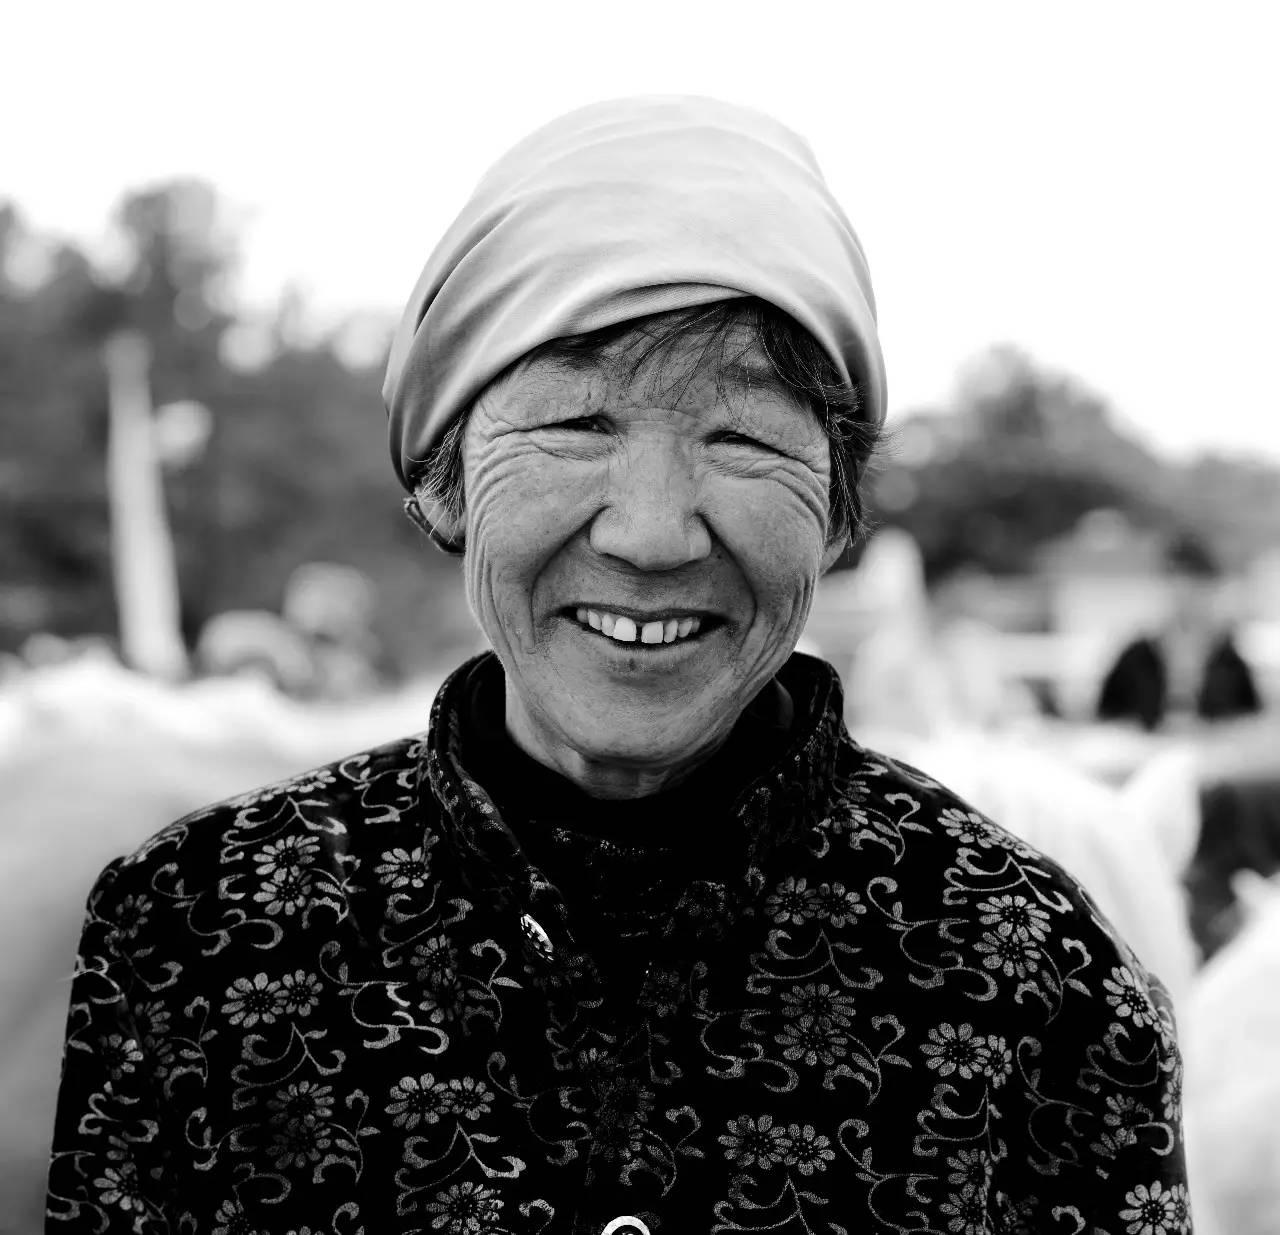 【ANU美图】摄影师吉雅:传统蒙古族牧民黑白纪实作品欣赏 第13张